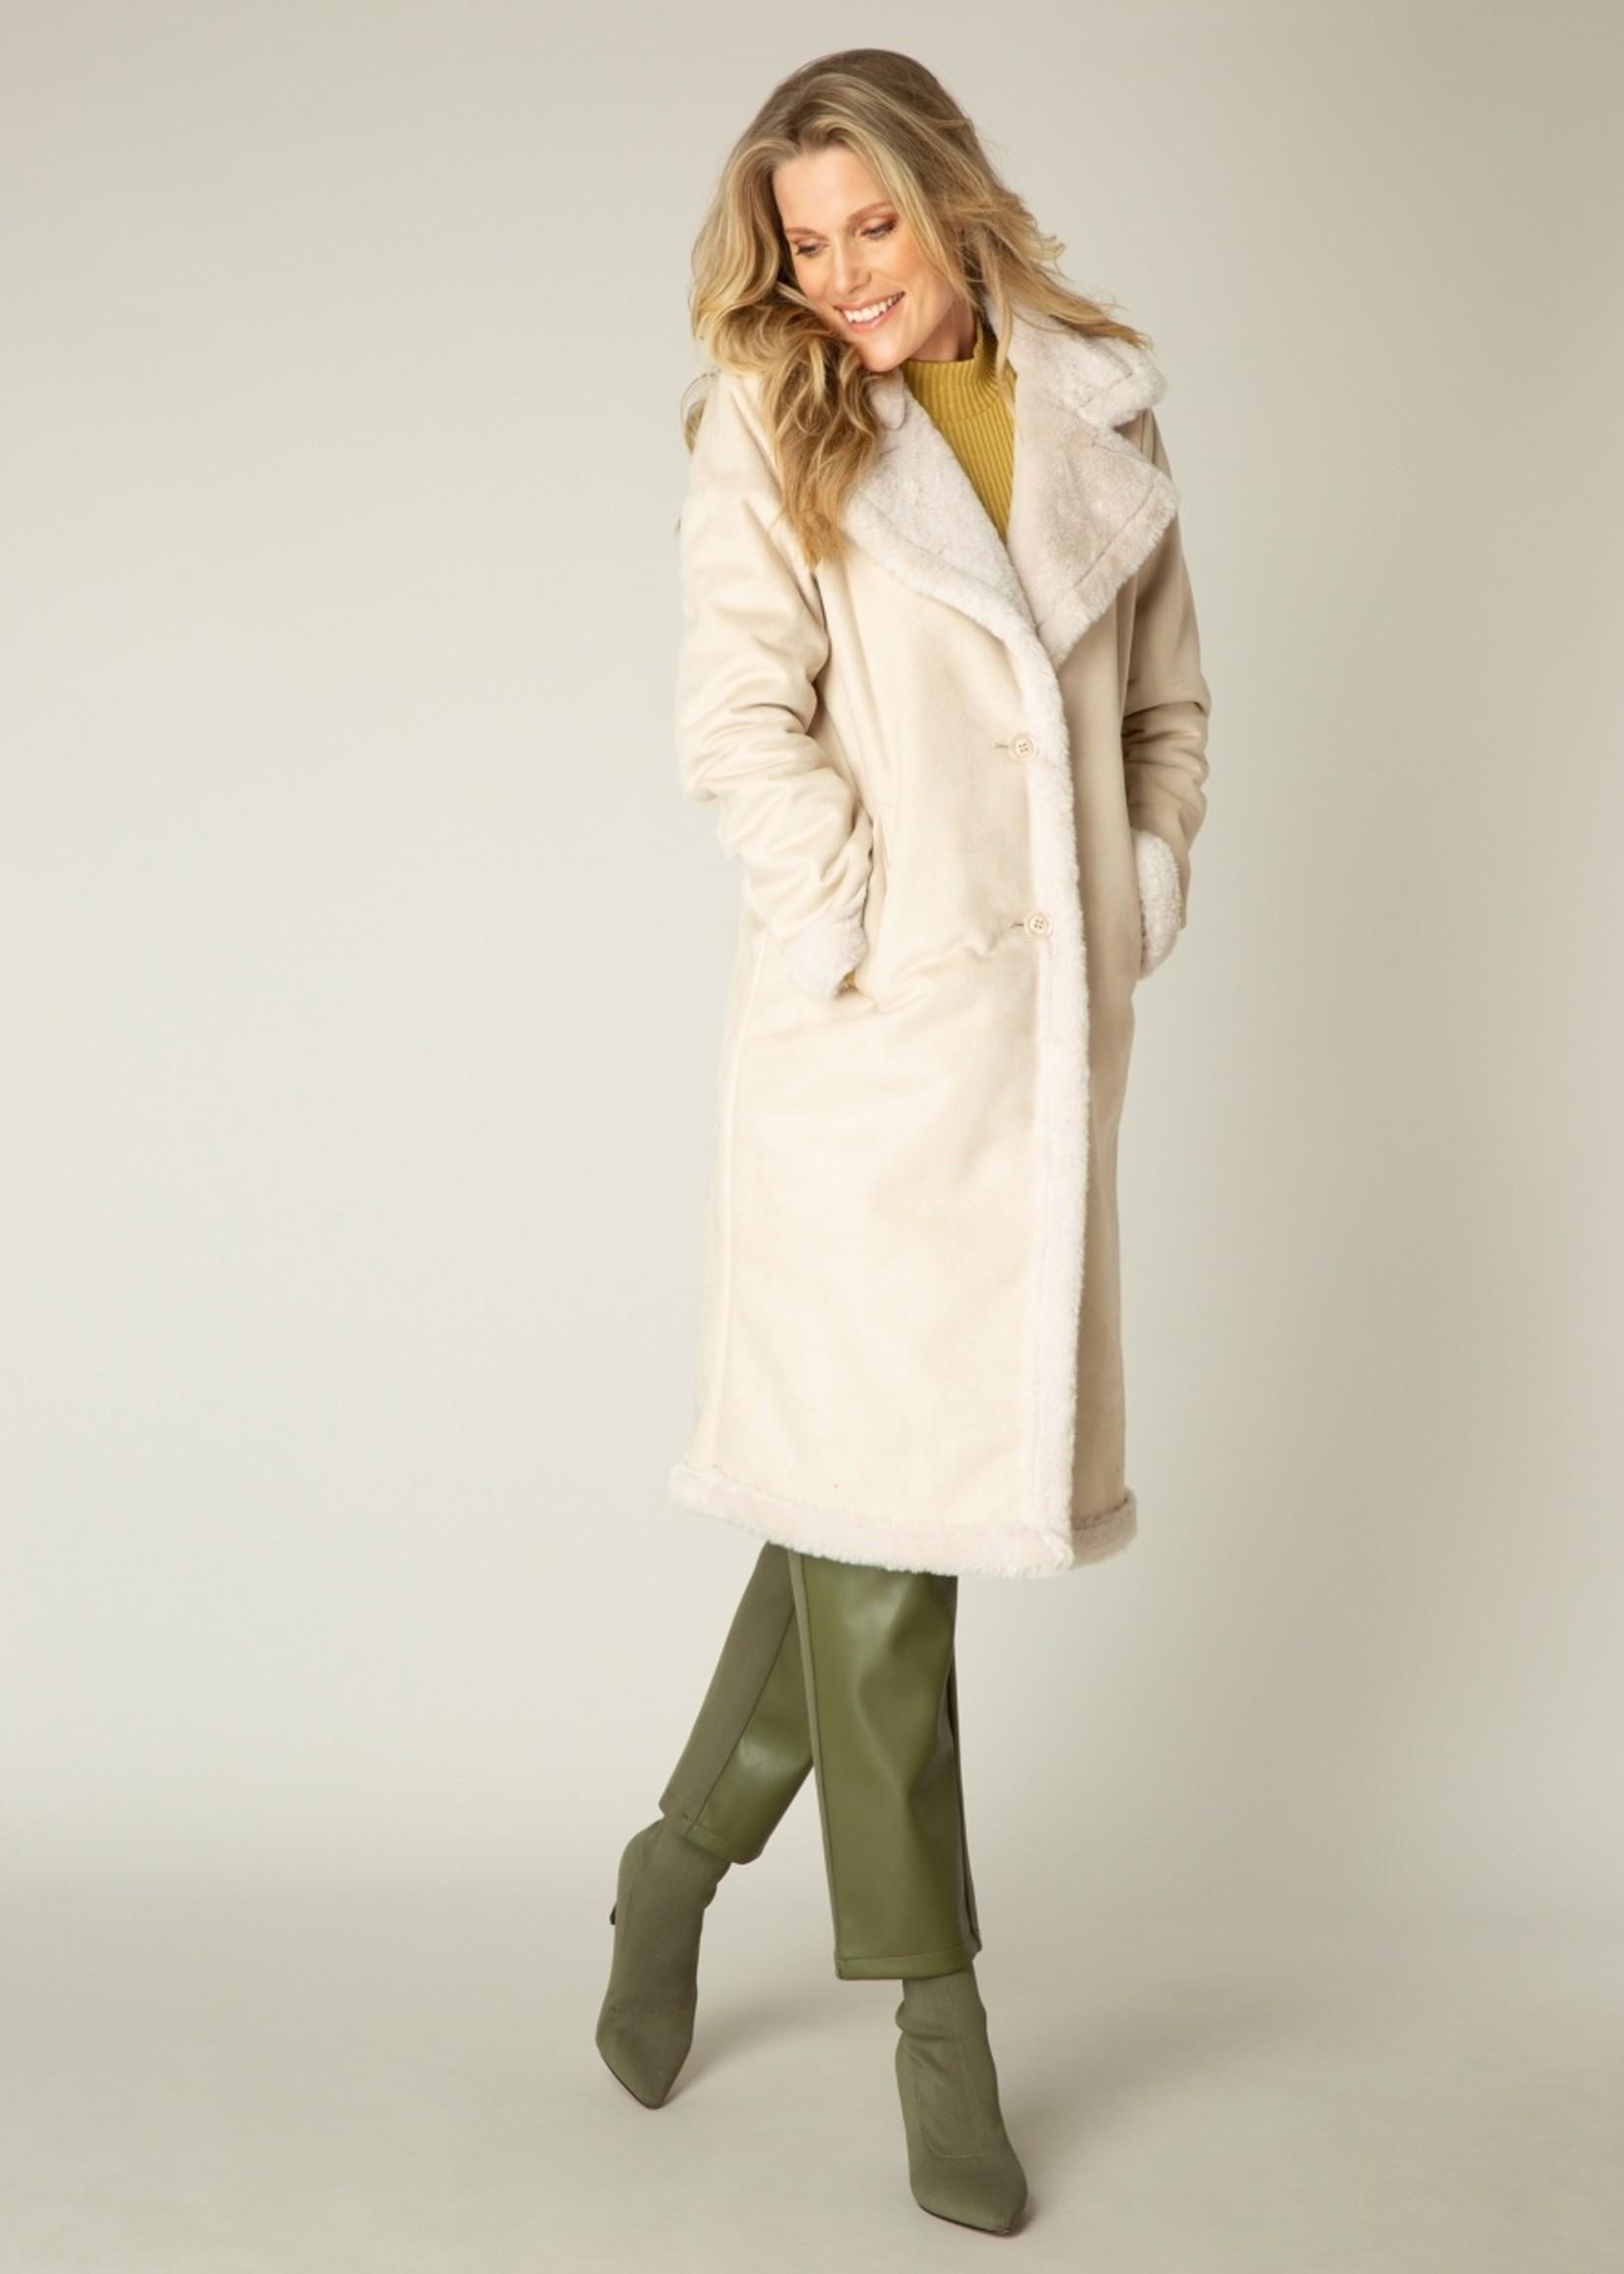 Yest Yest Sandy White Coat